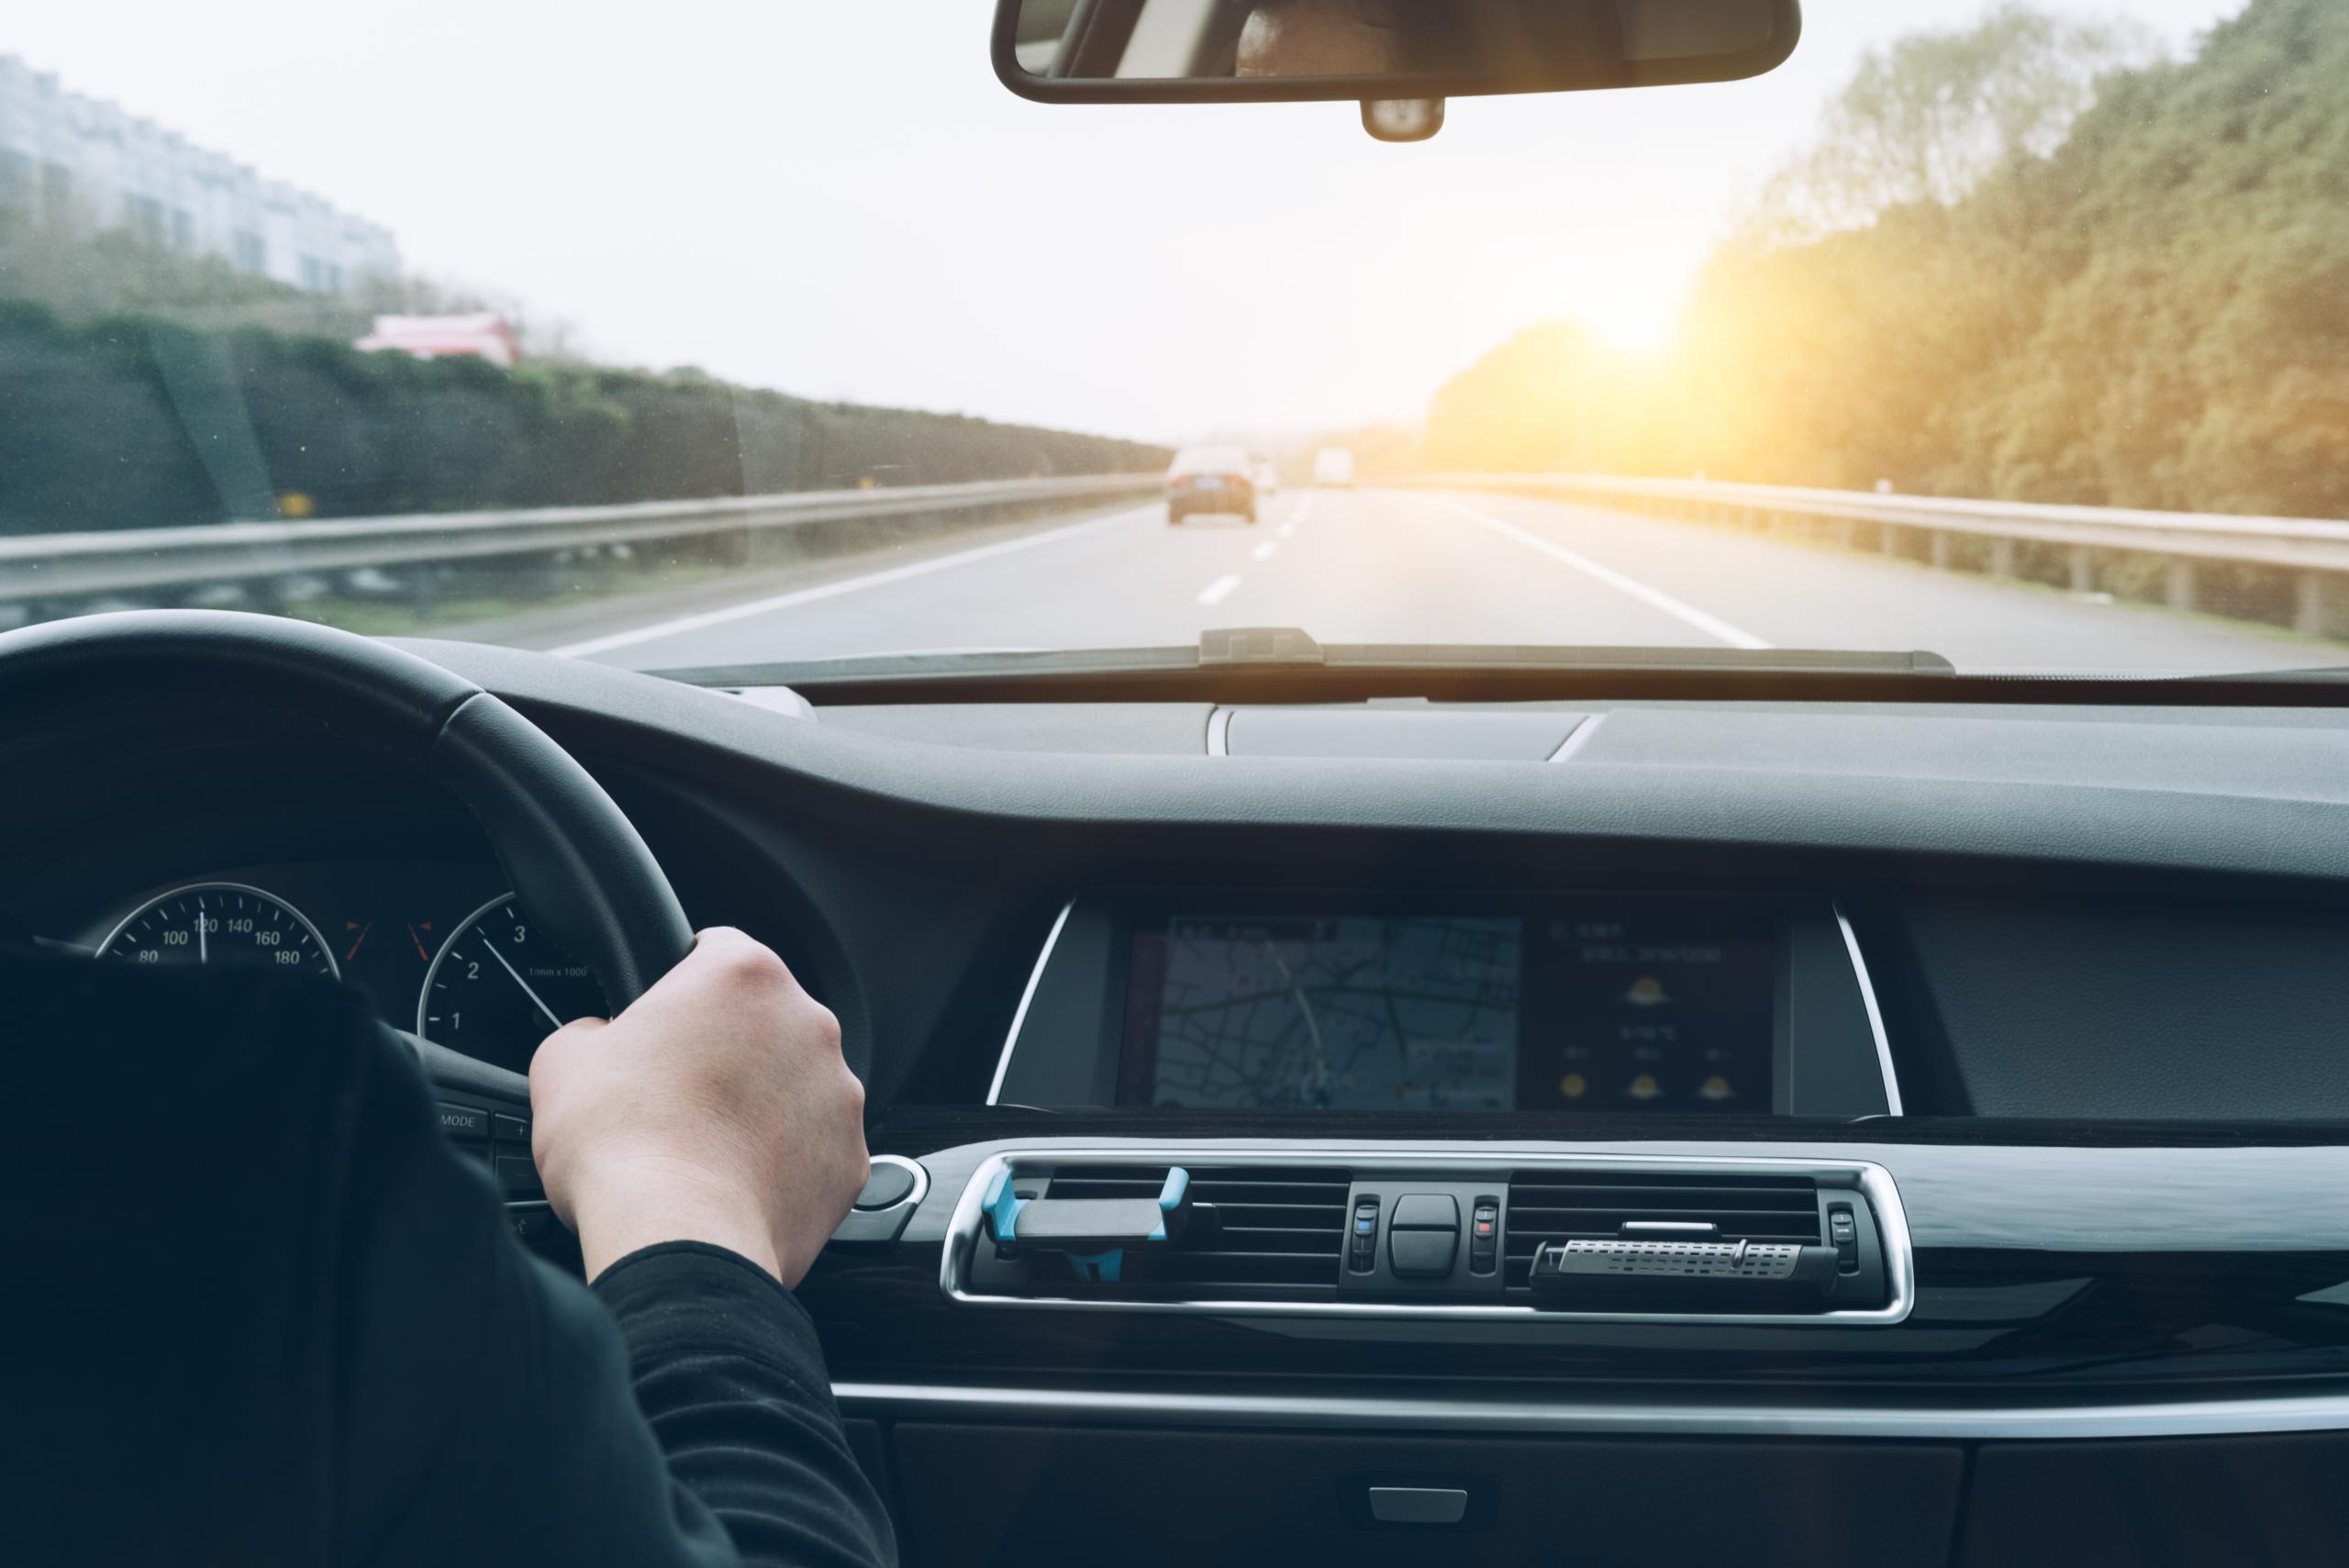 Disturbi del sonno e sicurezza stradale